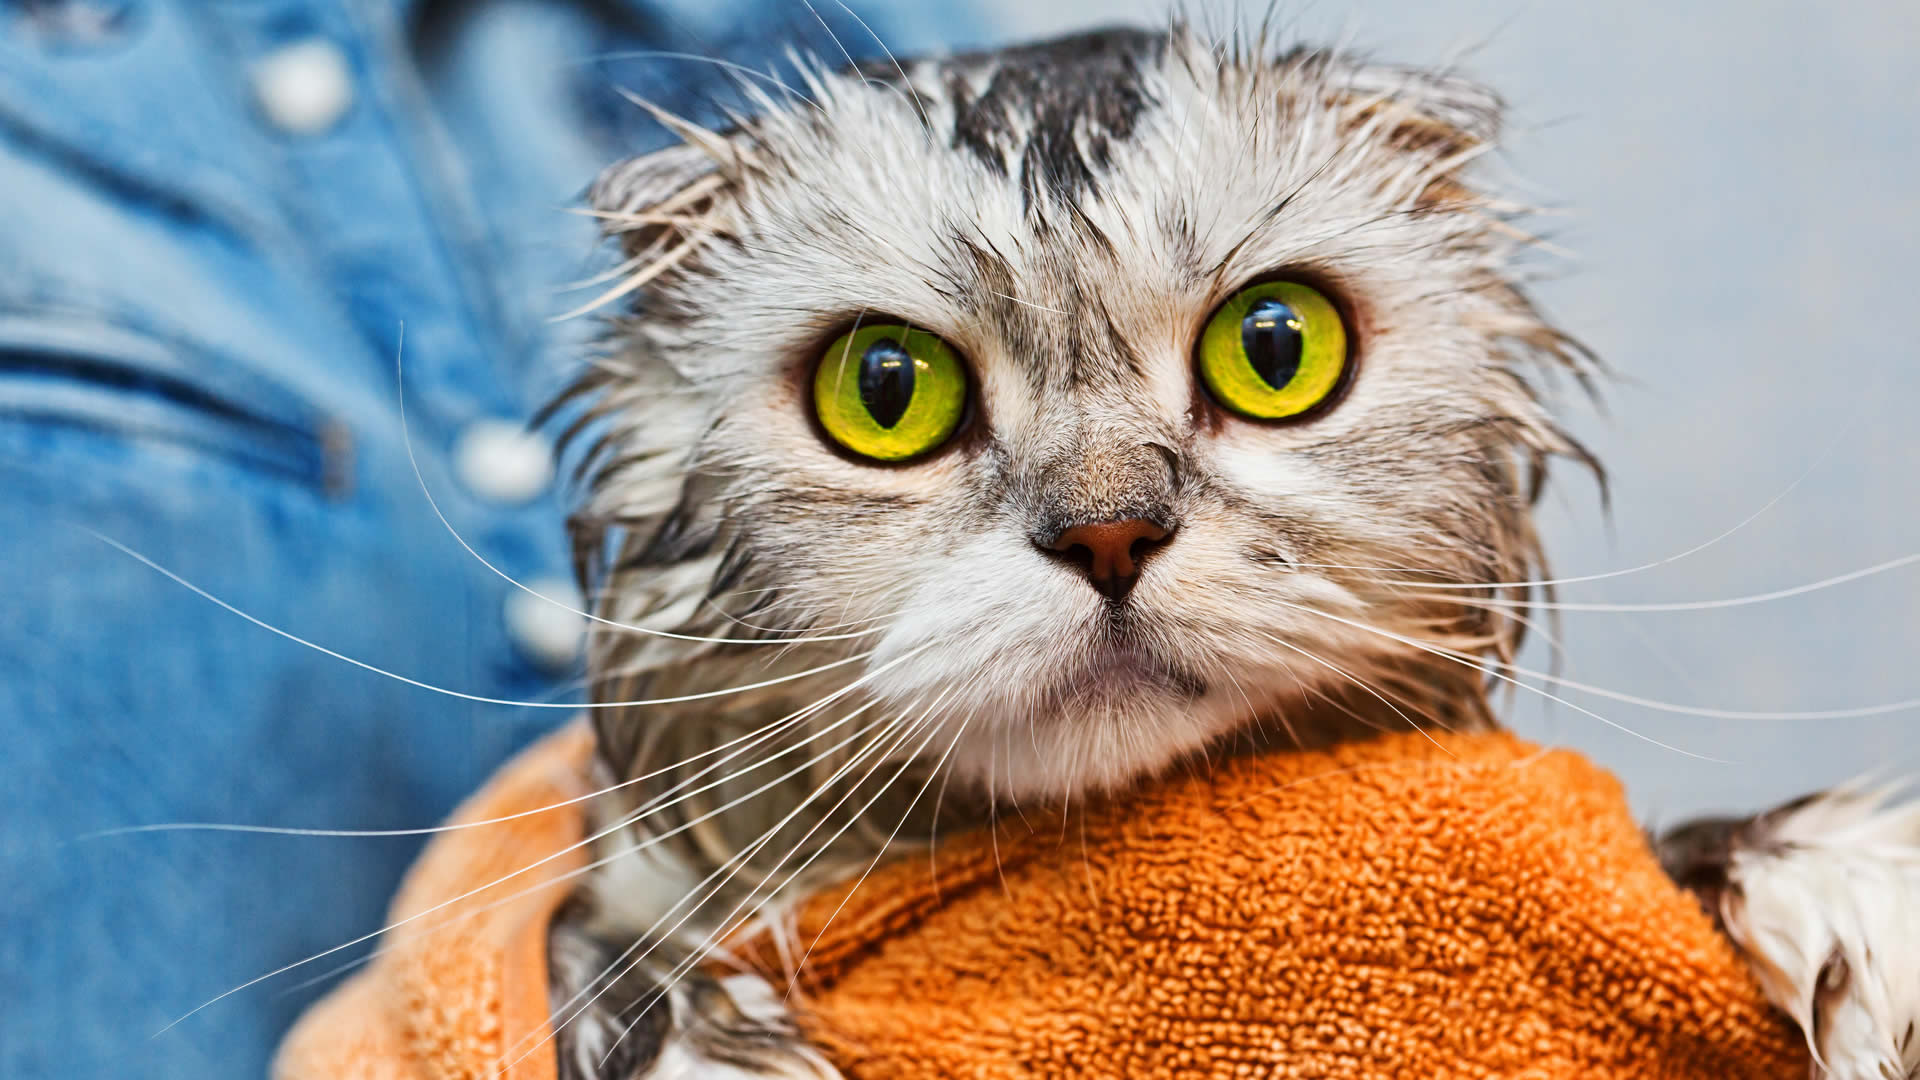 Washing a Cat